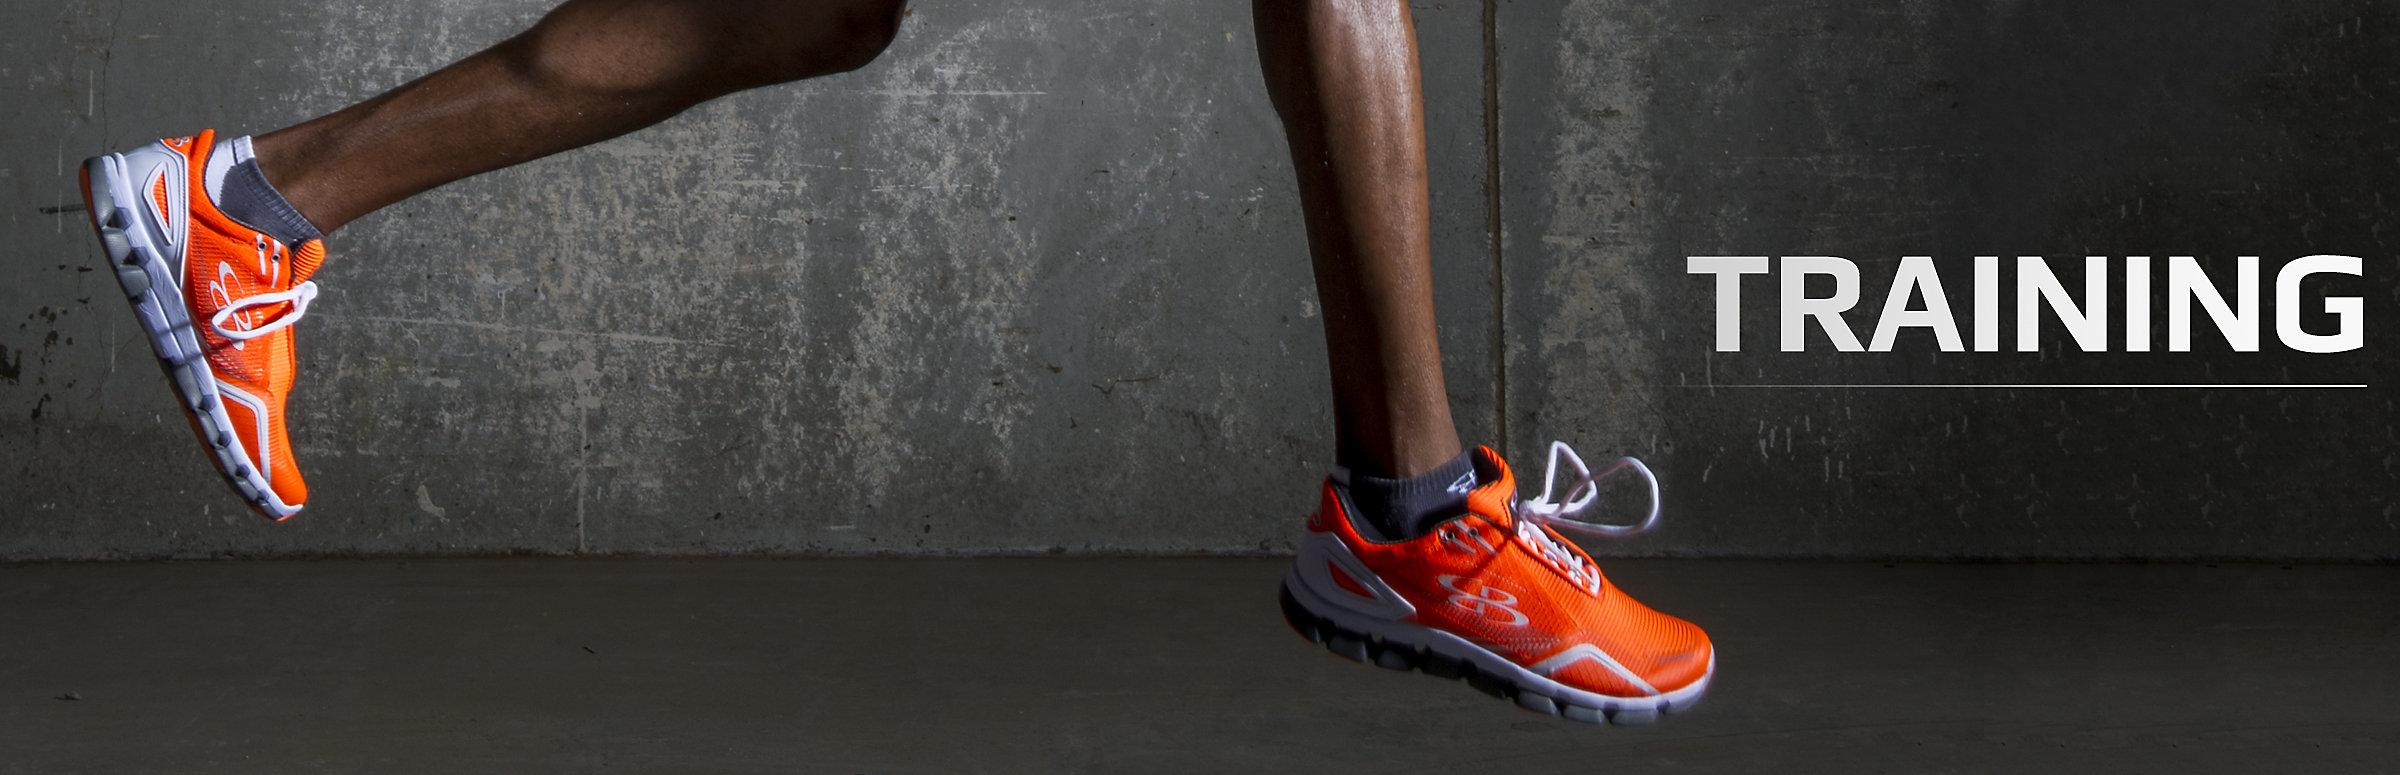 Boombah Men S Shoes